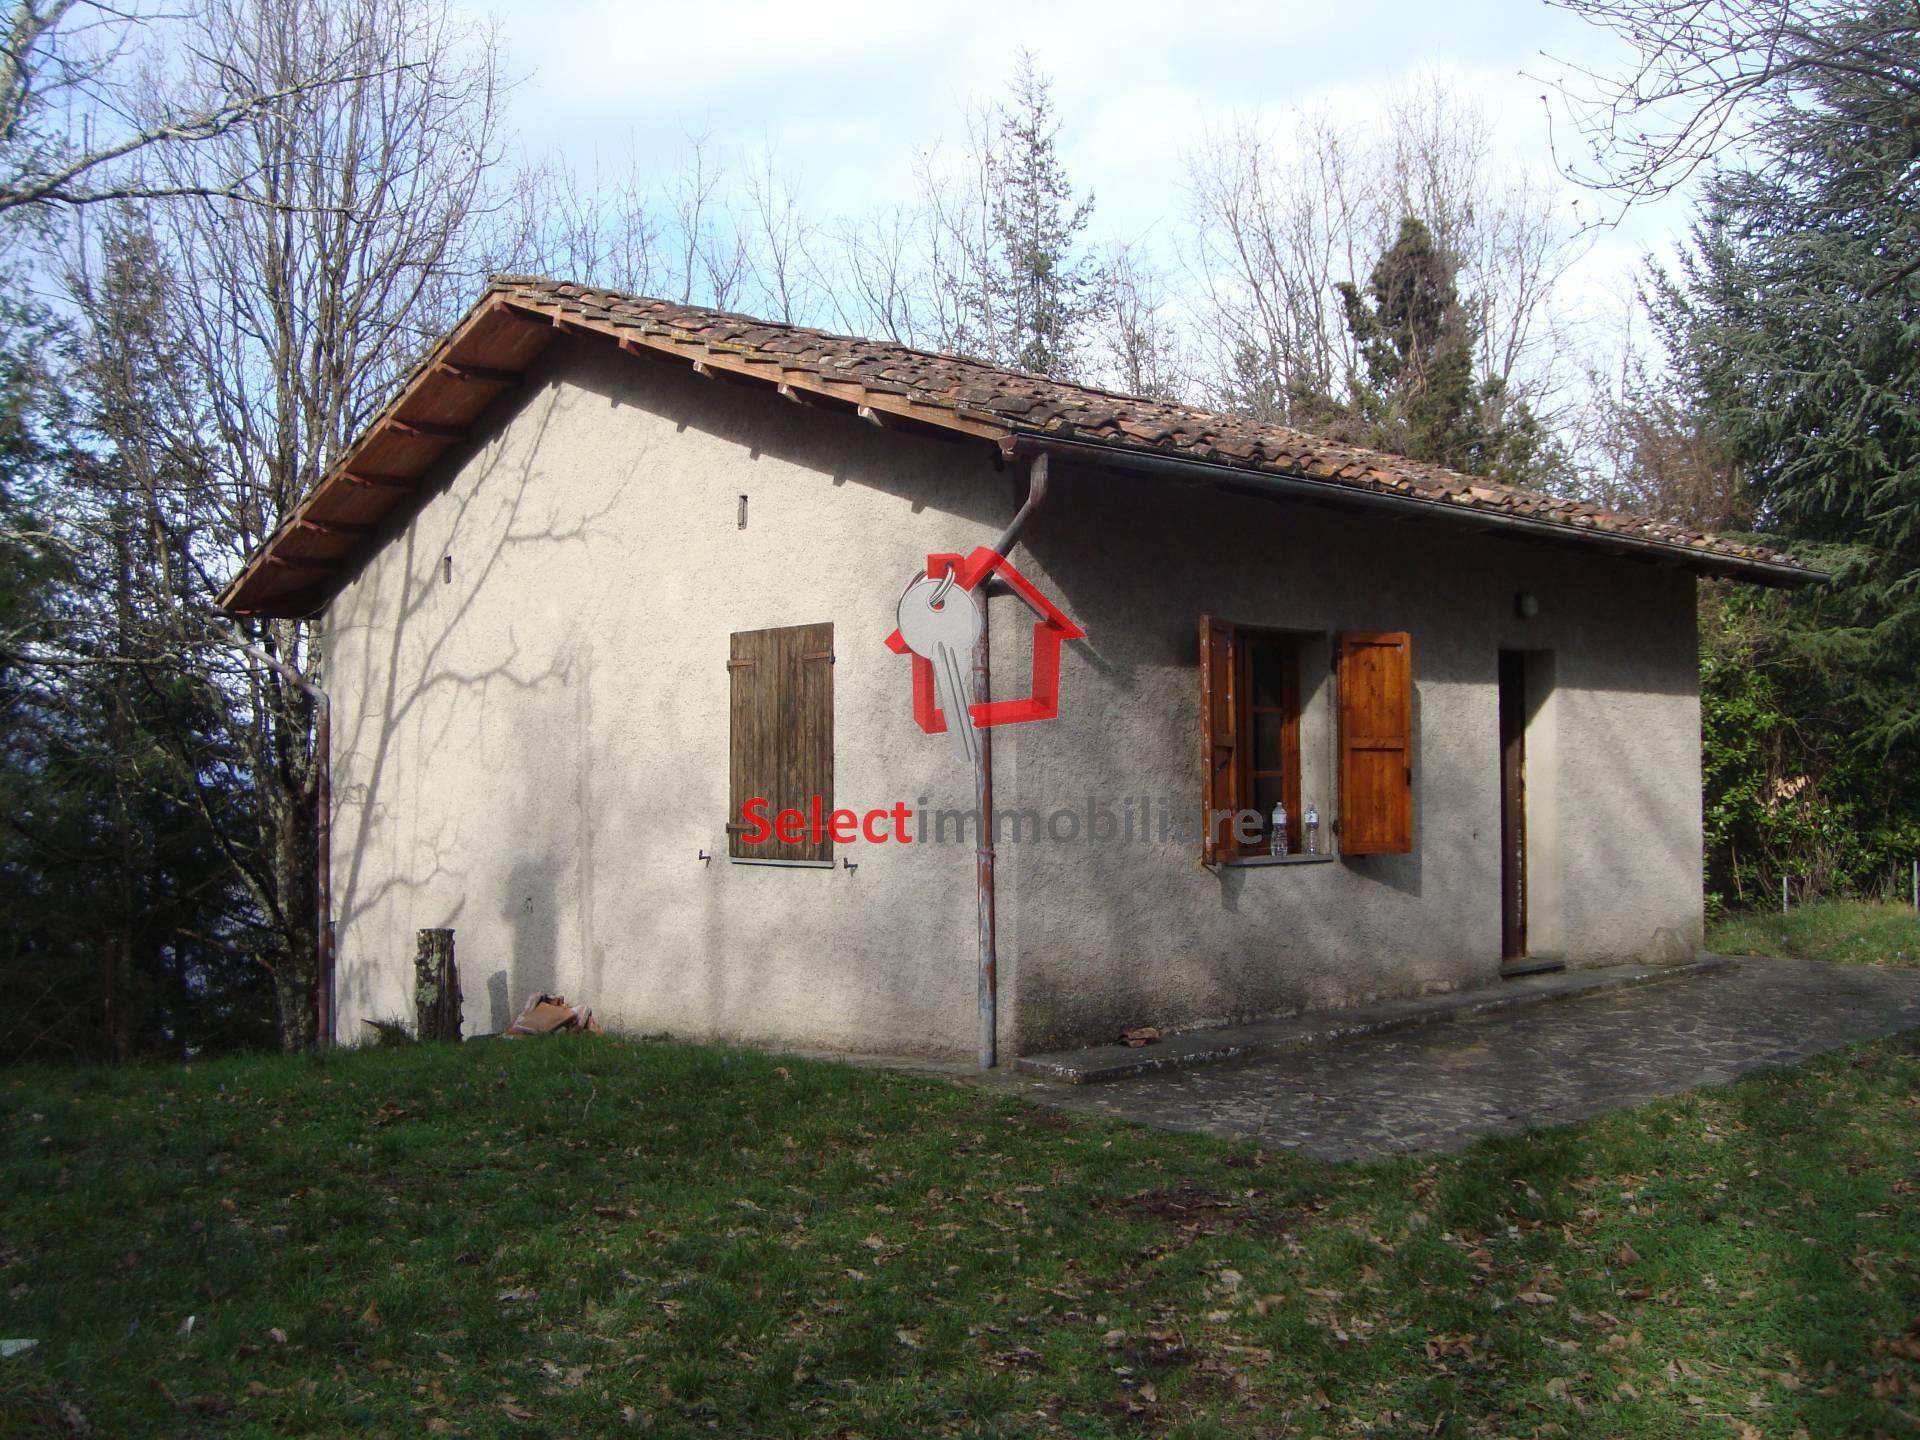 Rustico / Casale in vendita a Bagni di Lucca, 4 locali, zona Zona: Lugliano, prezzo € 70.000 | CambioCasa.it